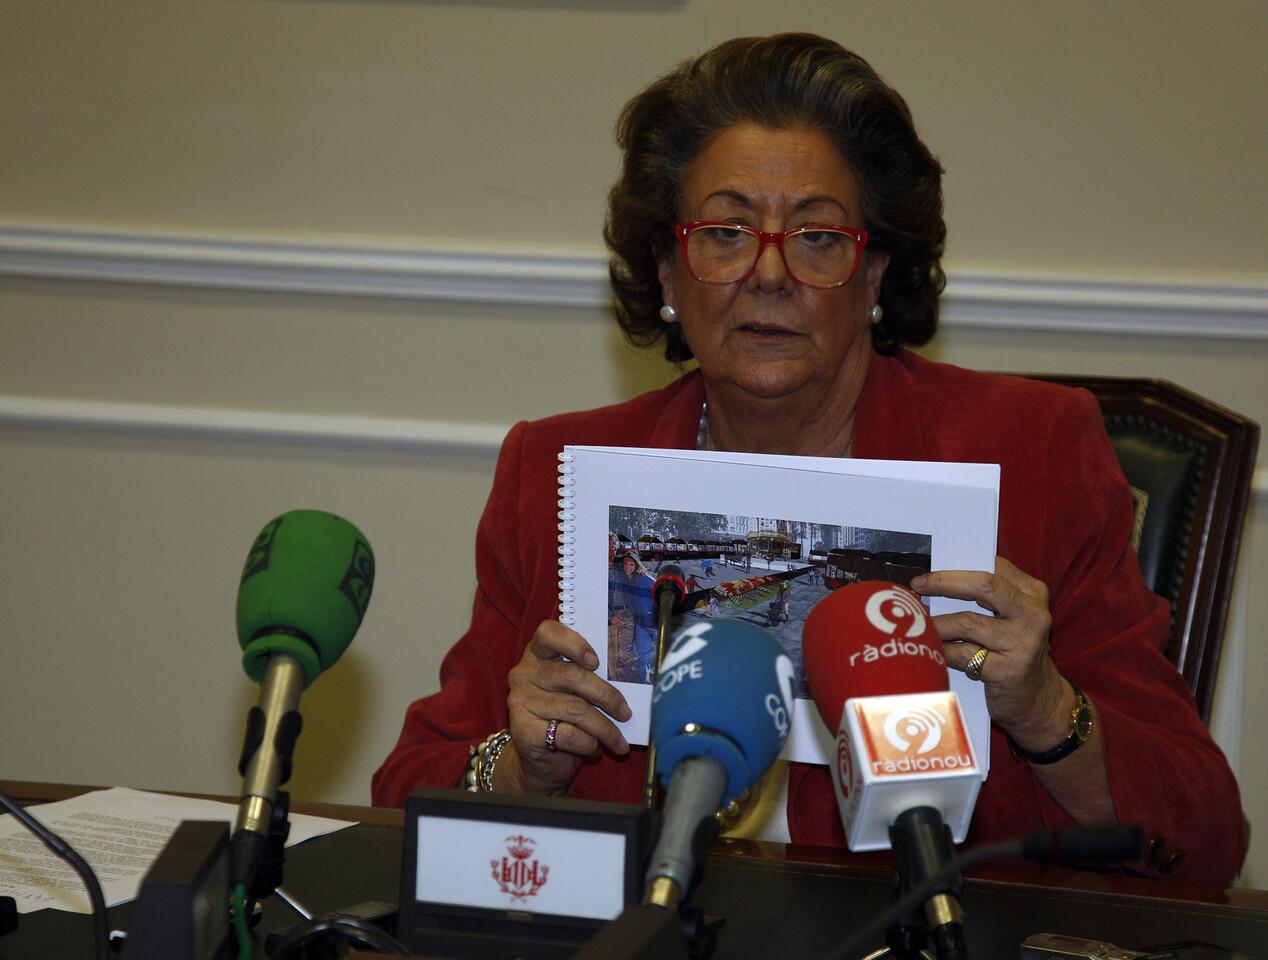 La alcaldesa, Rita Barberá, enseña una figuración de la propuesta de la plaza con la pista de hielo/ayto vlc